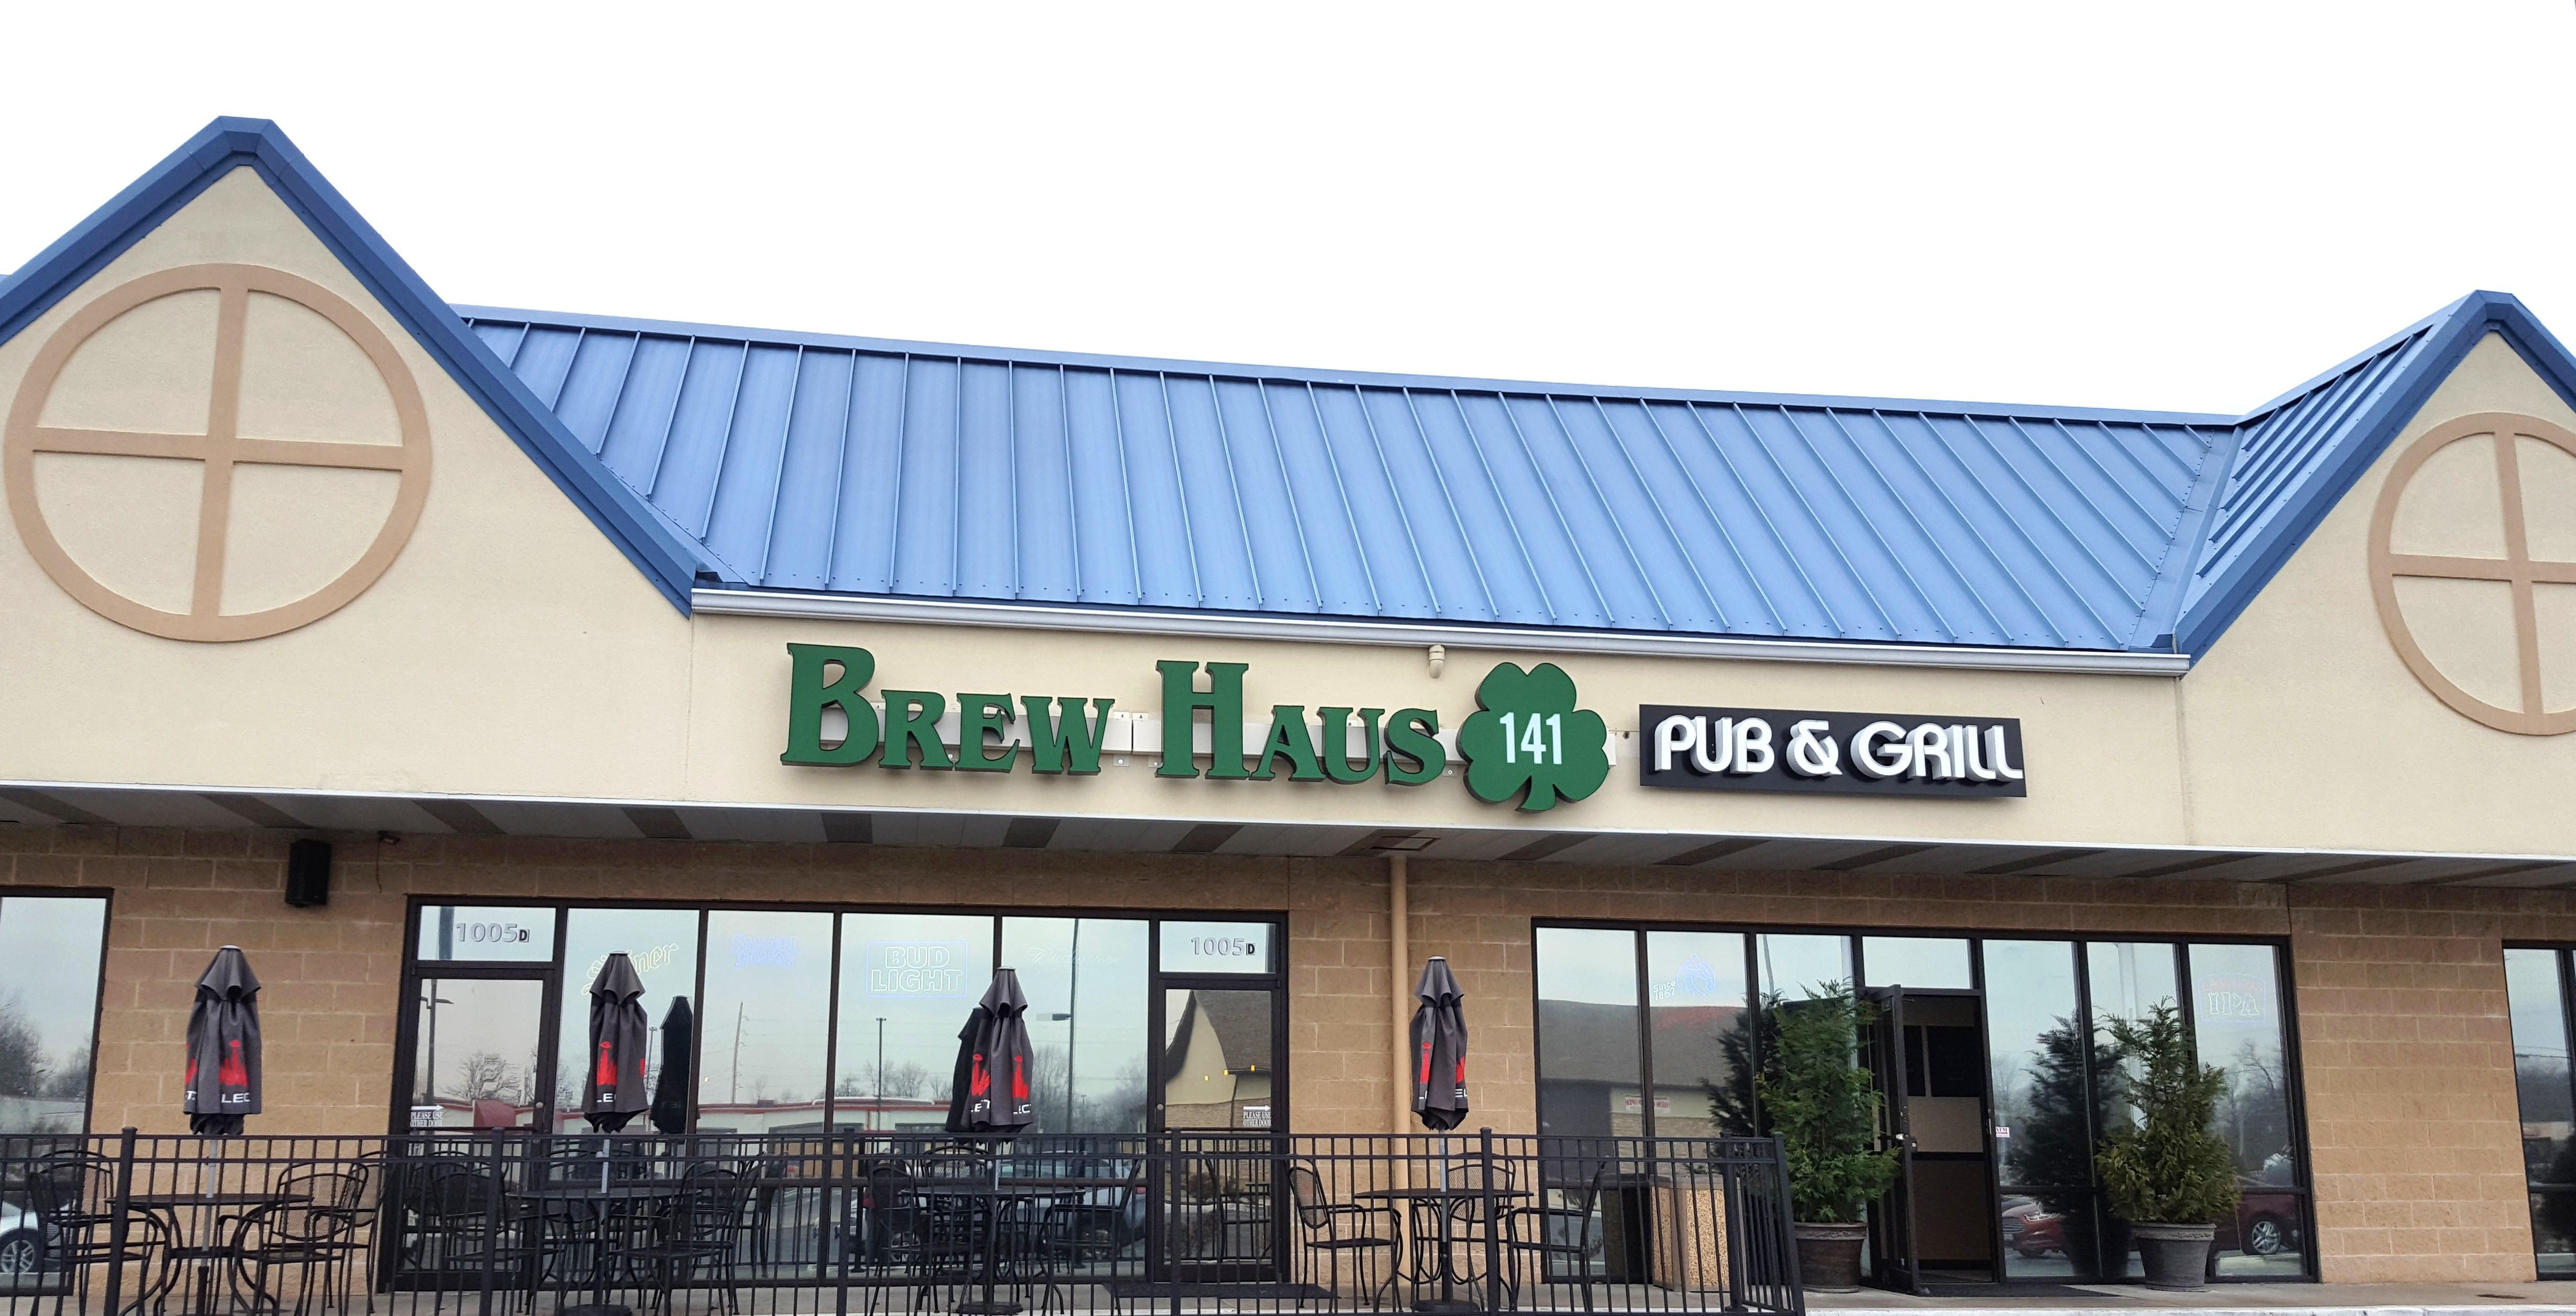 Brew Haus 141